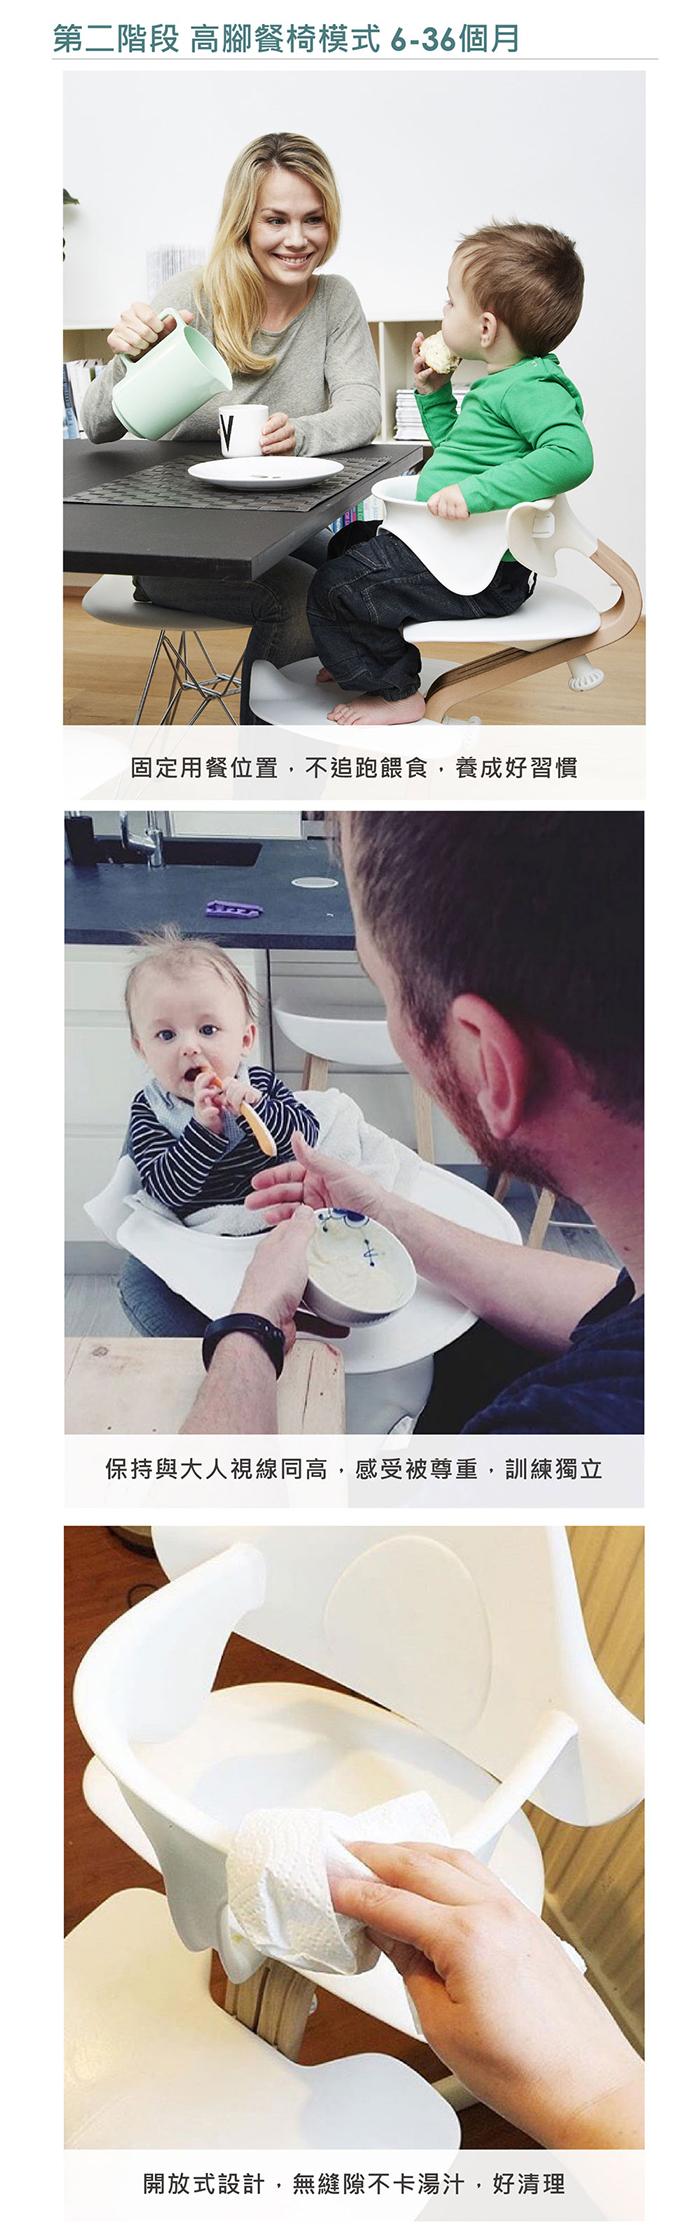 Nomi|丹麥多階段兒童成長學習調節椅(超值組)- 咖啡色